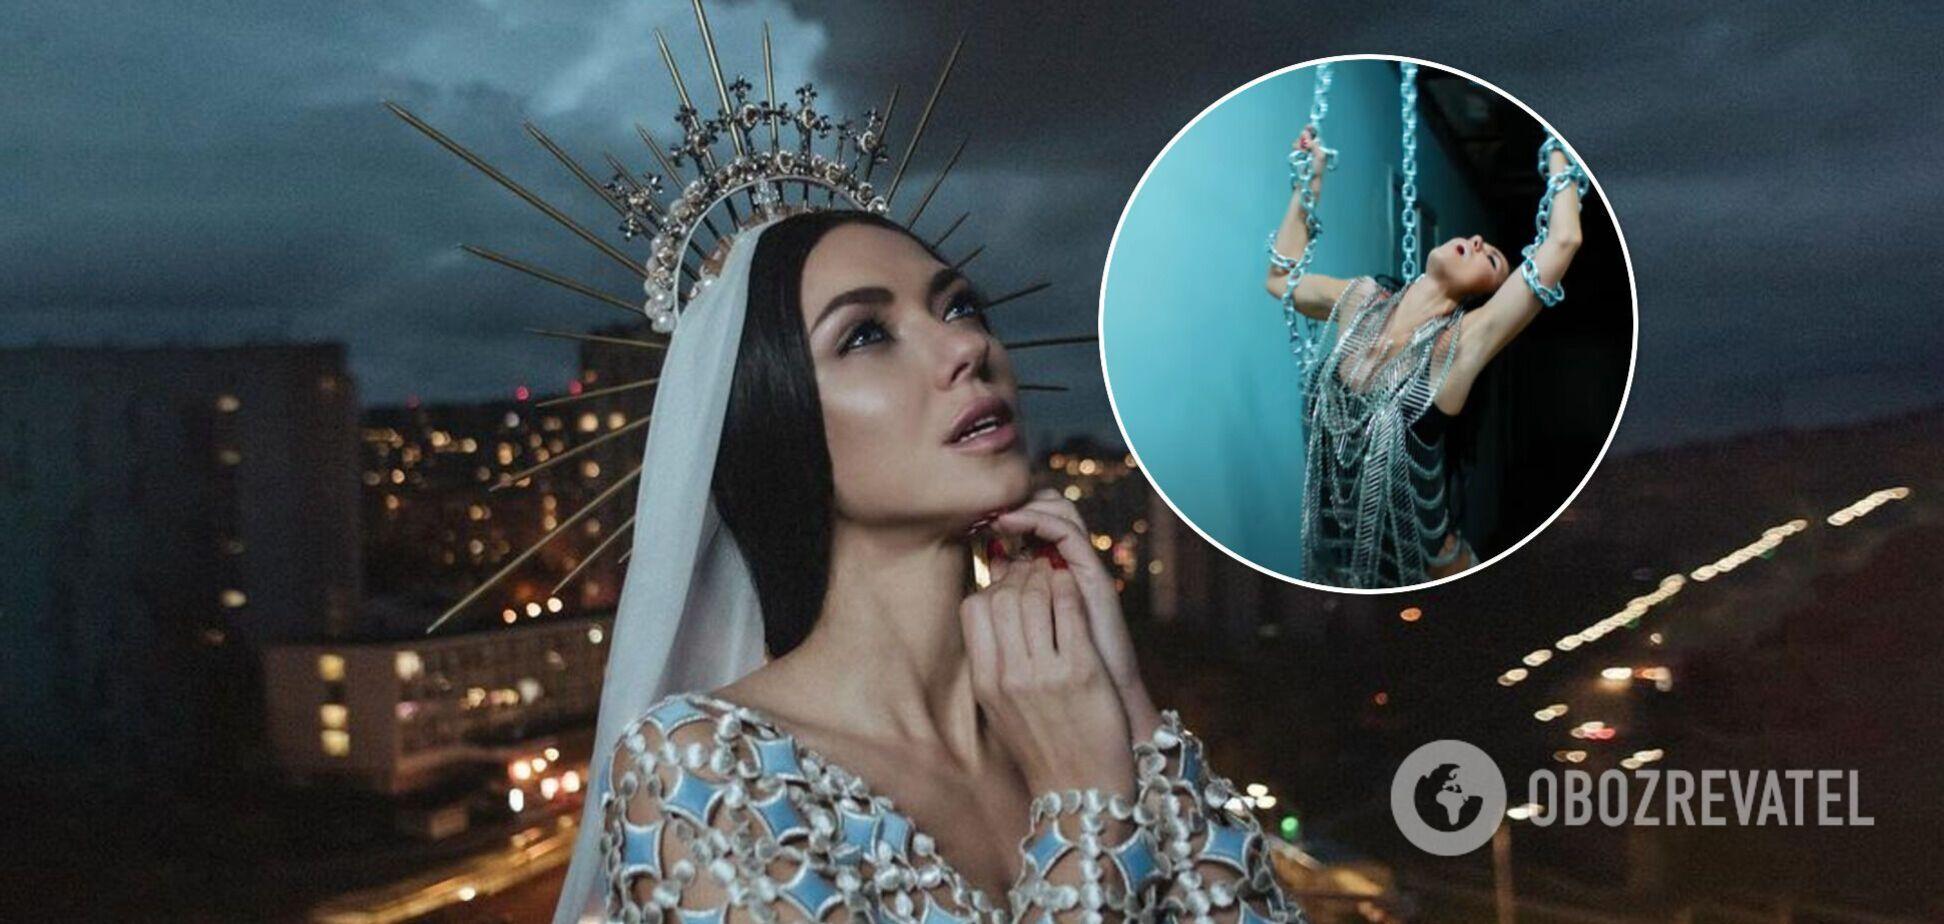 Віка з 'НеАнгелів' почала сольну кар'єру і випустила перший кліп з відвертими образами. Відео